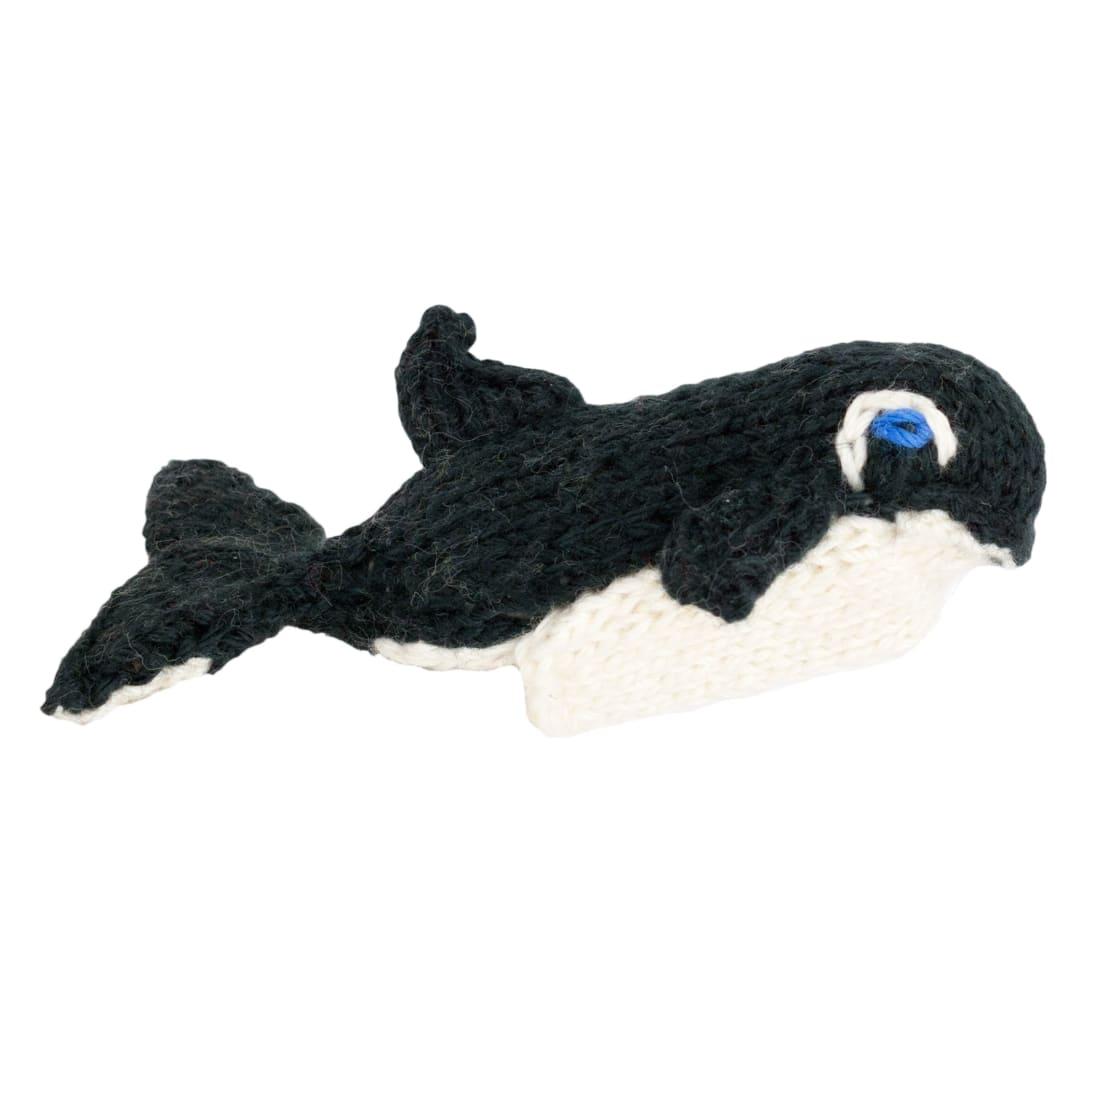 UKP246B Orca